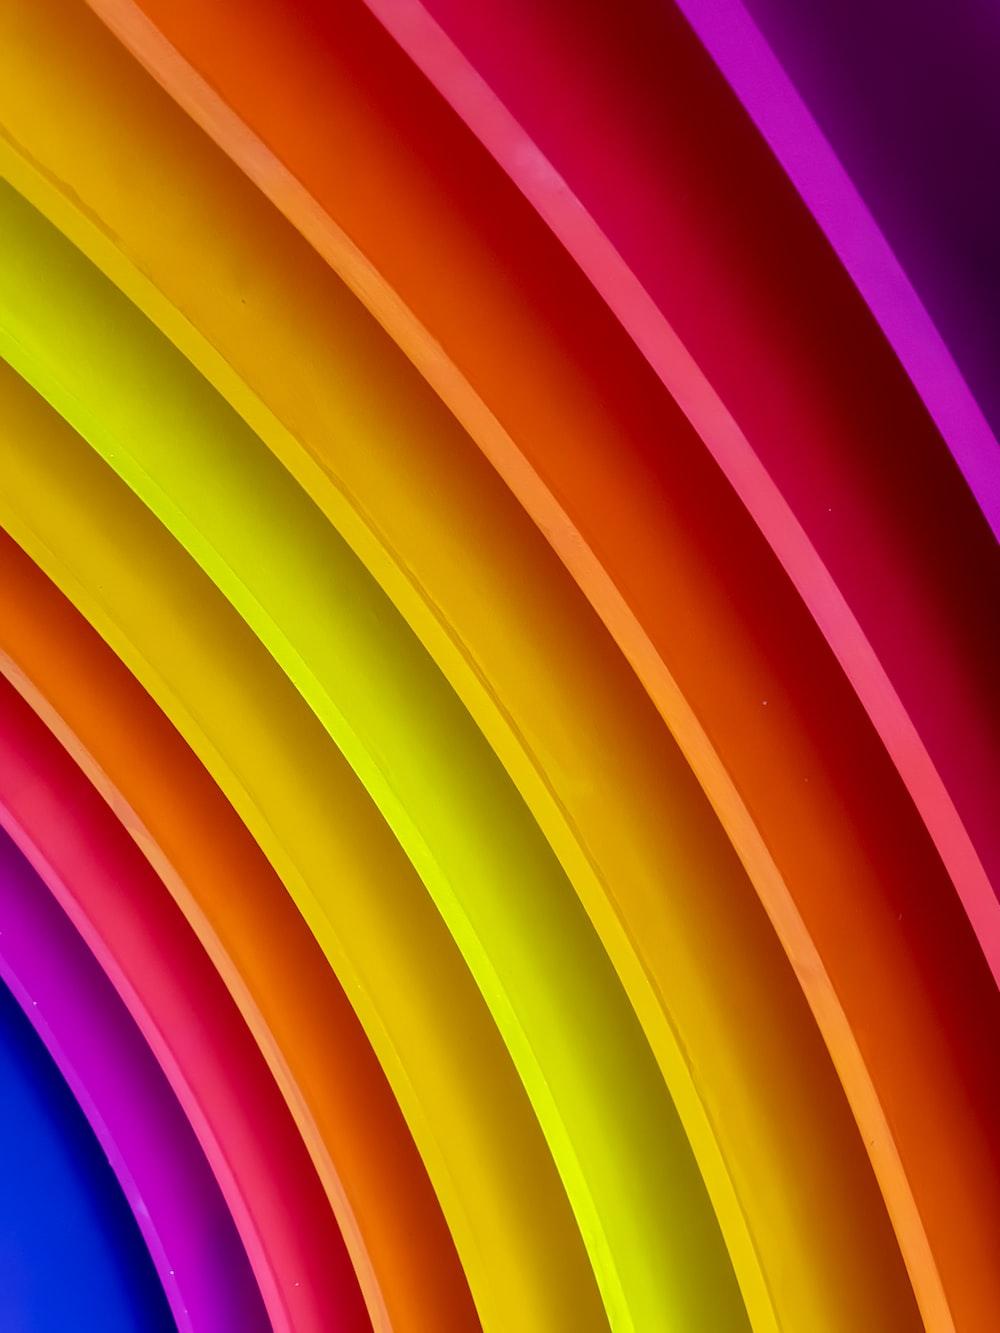 iPad Pro Wallpapers Free HD Download [20+ HQ]   Unsplash